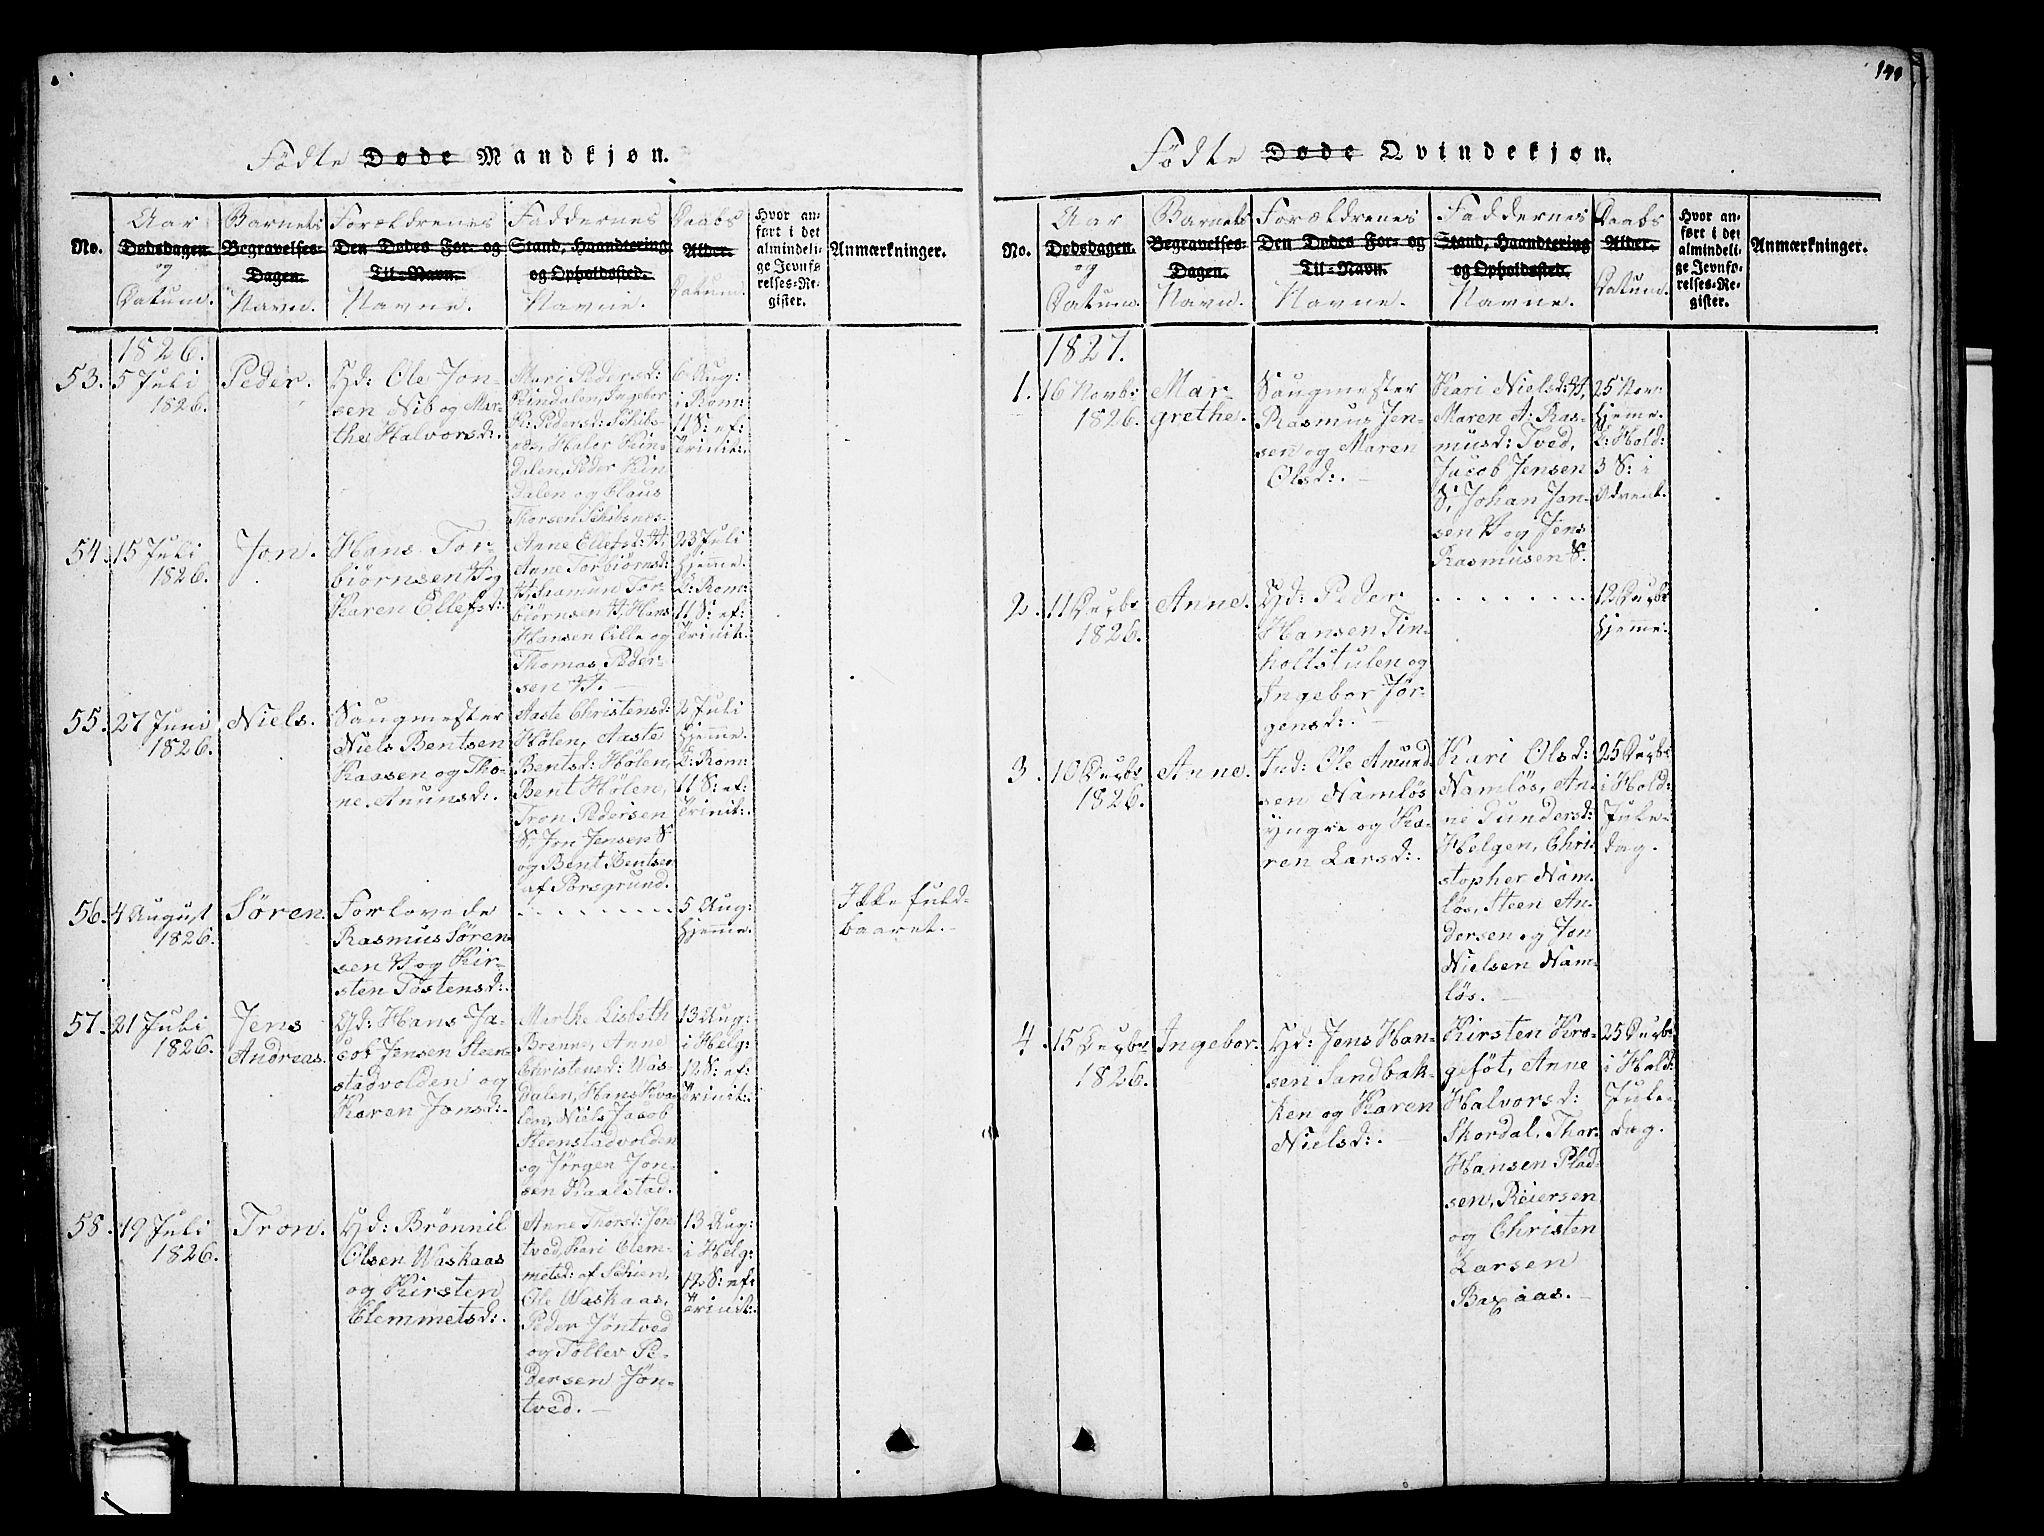 SAKO, Holla kirkebøker, G/Ga/L0001: Klokkerbok nr. I 1, 1814-1830, s. 141